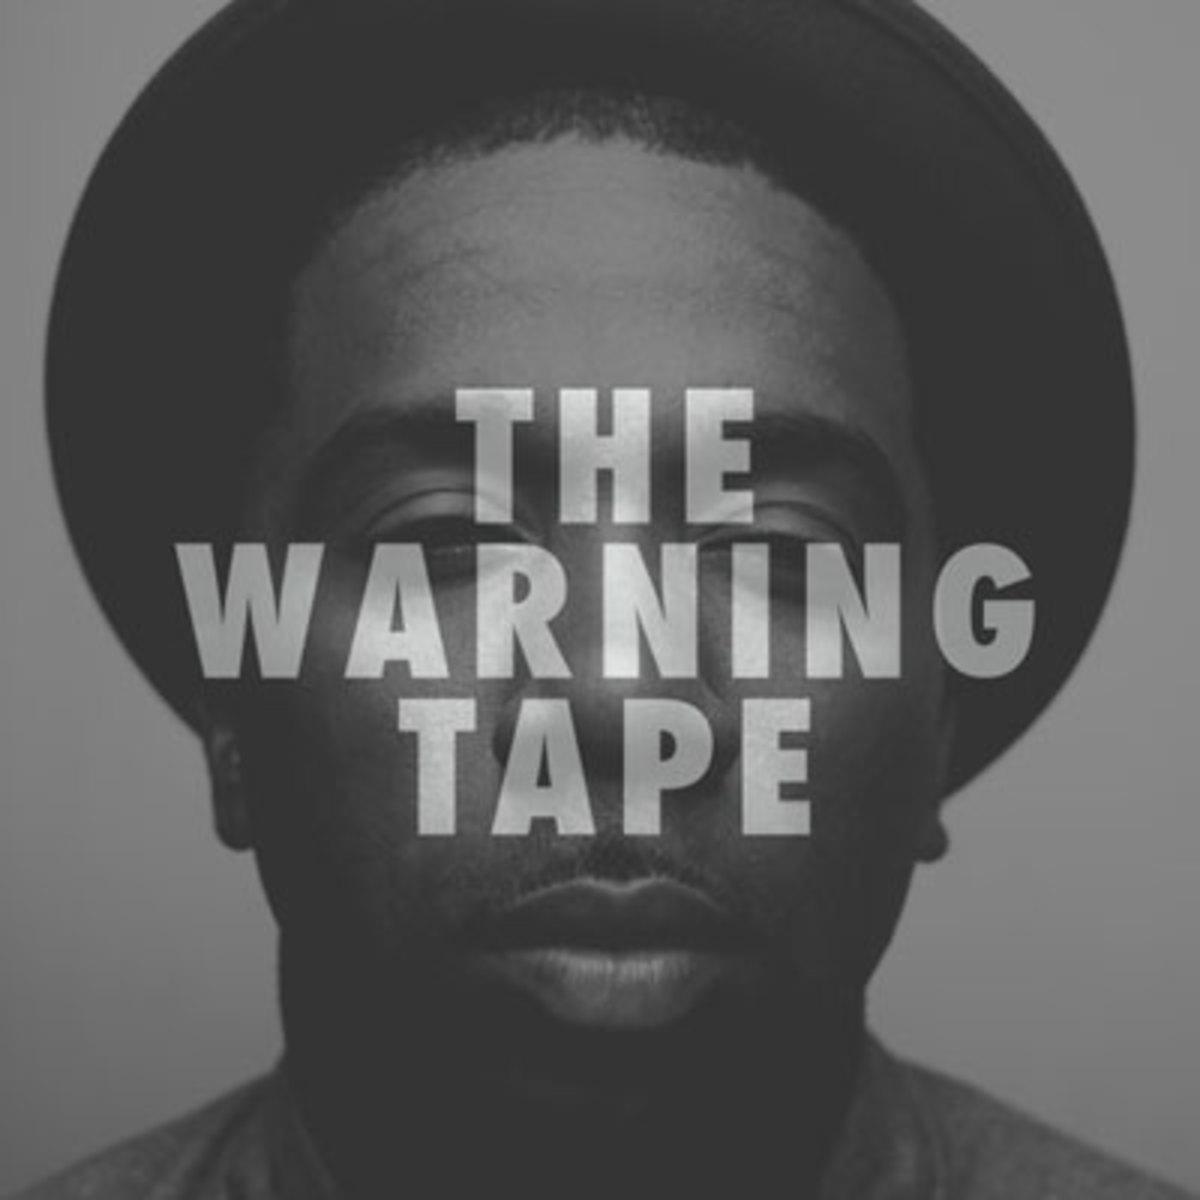 dagsavage-warningtape.jpg